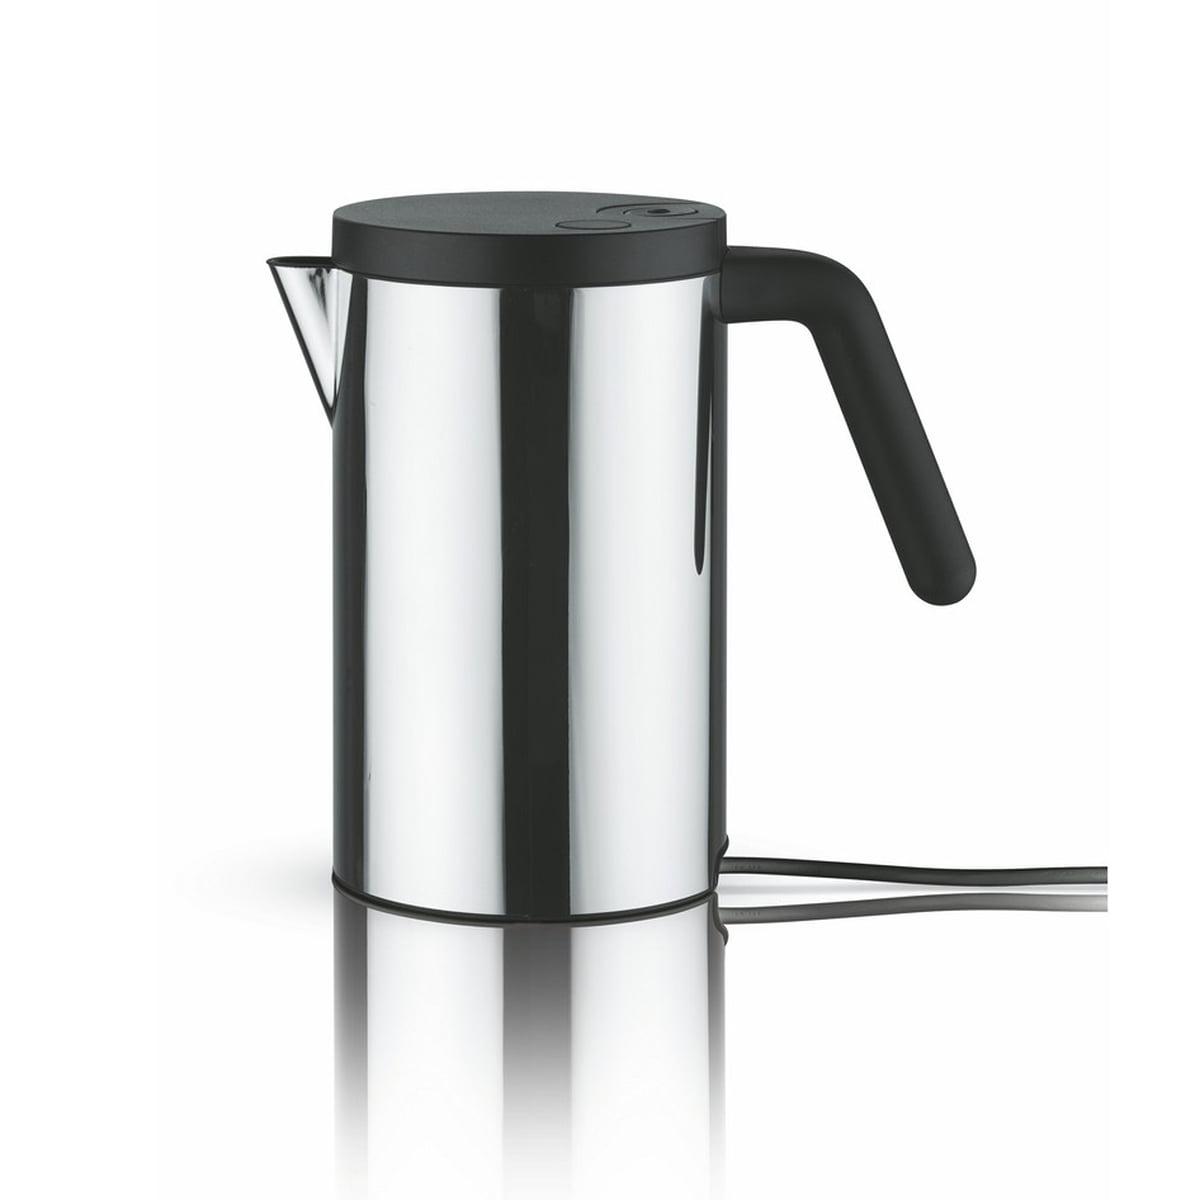 Hot.it elektrischer Wasserkocher, 0.8 l, schwarz